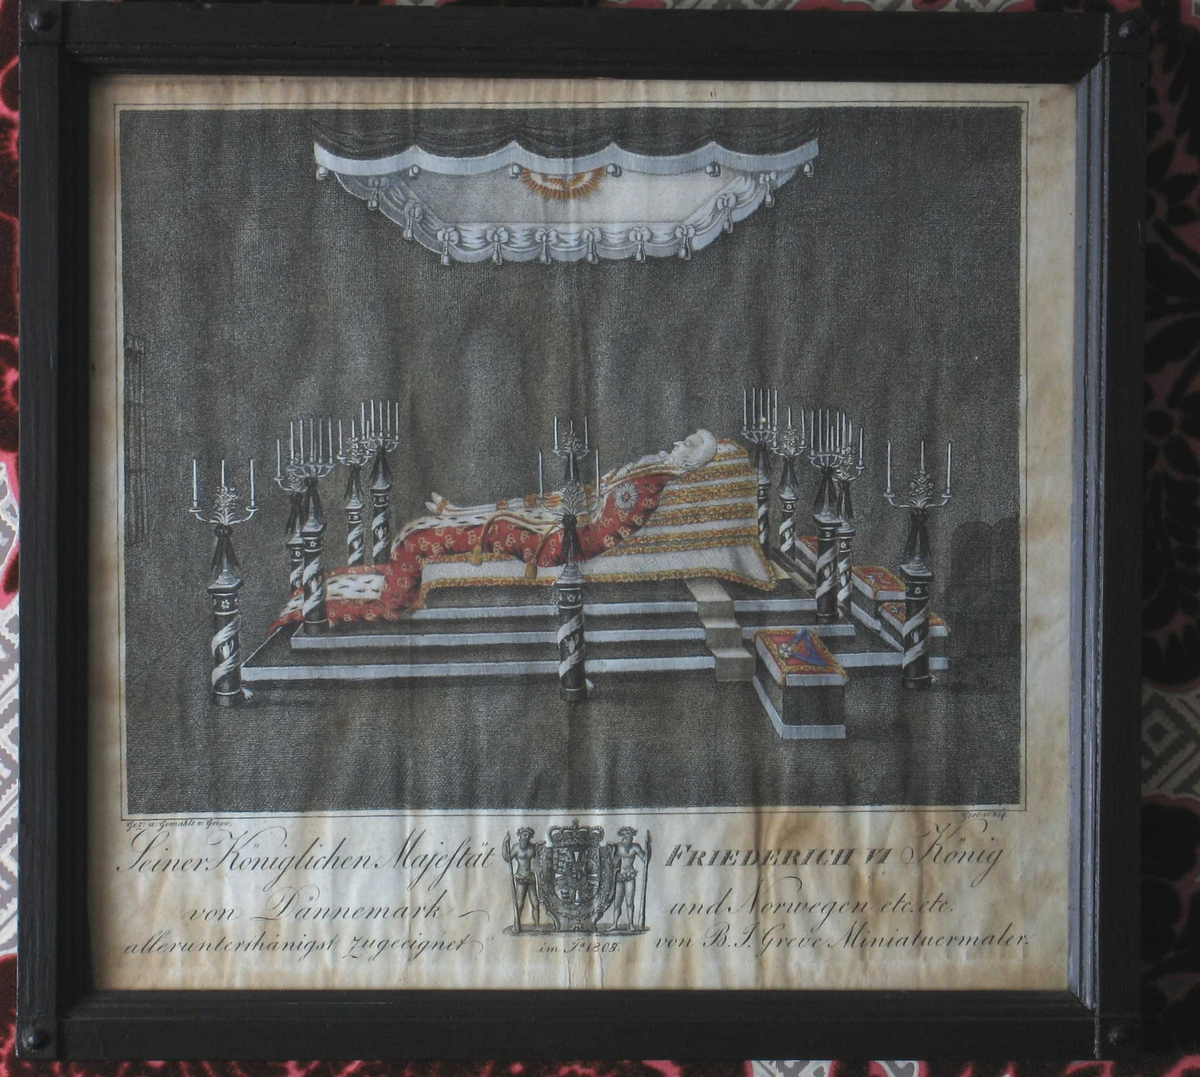 Konge på likstrå. Portrett av Christian VII, (1749 -1808), konge av Danmark Norge.  på paradeseng som lik.  Liggende mann, profil venstre, helfigur,  iført hvit parykk, gullbesatt hvit silkedrakt, hermelinsforet rød kåpe med gylne kroner, ligger på en stabel hvite gullkantede silkeputer,  på sort katafalk  kantet med sølvfrynser, den er omgitt av 12 floromvundne sølvkandelabre på sortmalte  sokler. Kongens ordener utstilt på røde puter kantet med gull, på taburetter  ved døden,  Baldakin av sort stoff kantet med sølvfrynser, over katafalken,  med gullglorie i midten.  De forenede riker, våpen med villmennene under stikket. sammen med dette står dedikasjon.